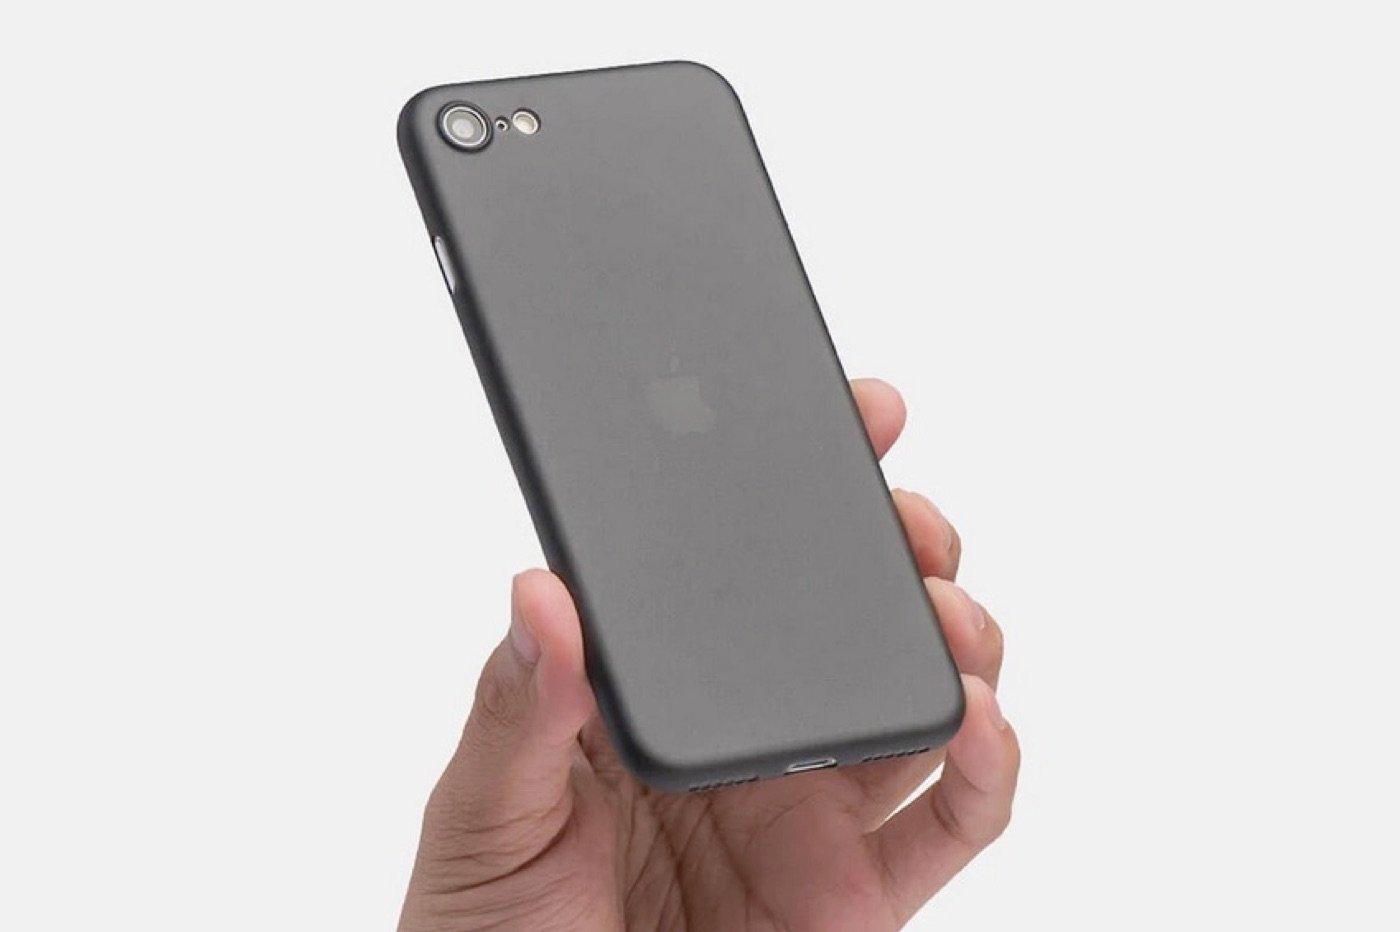 coque iPhone SE 2 precommande